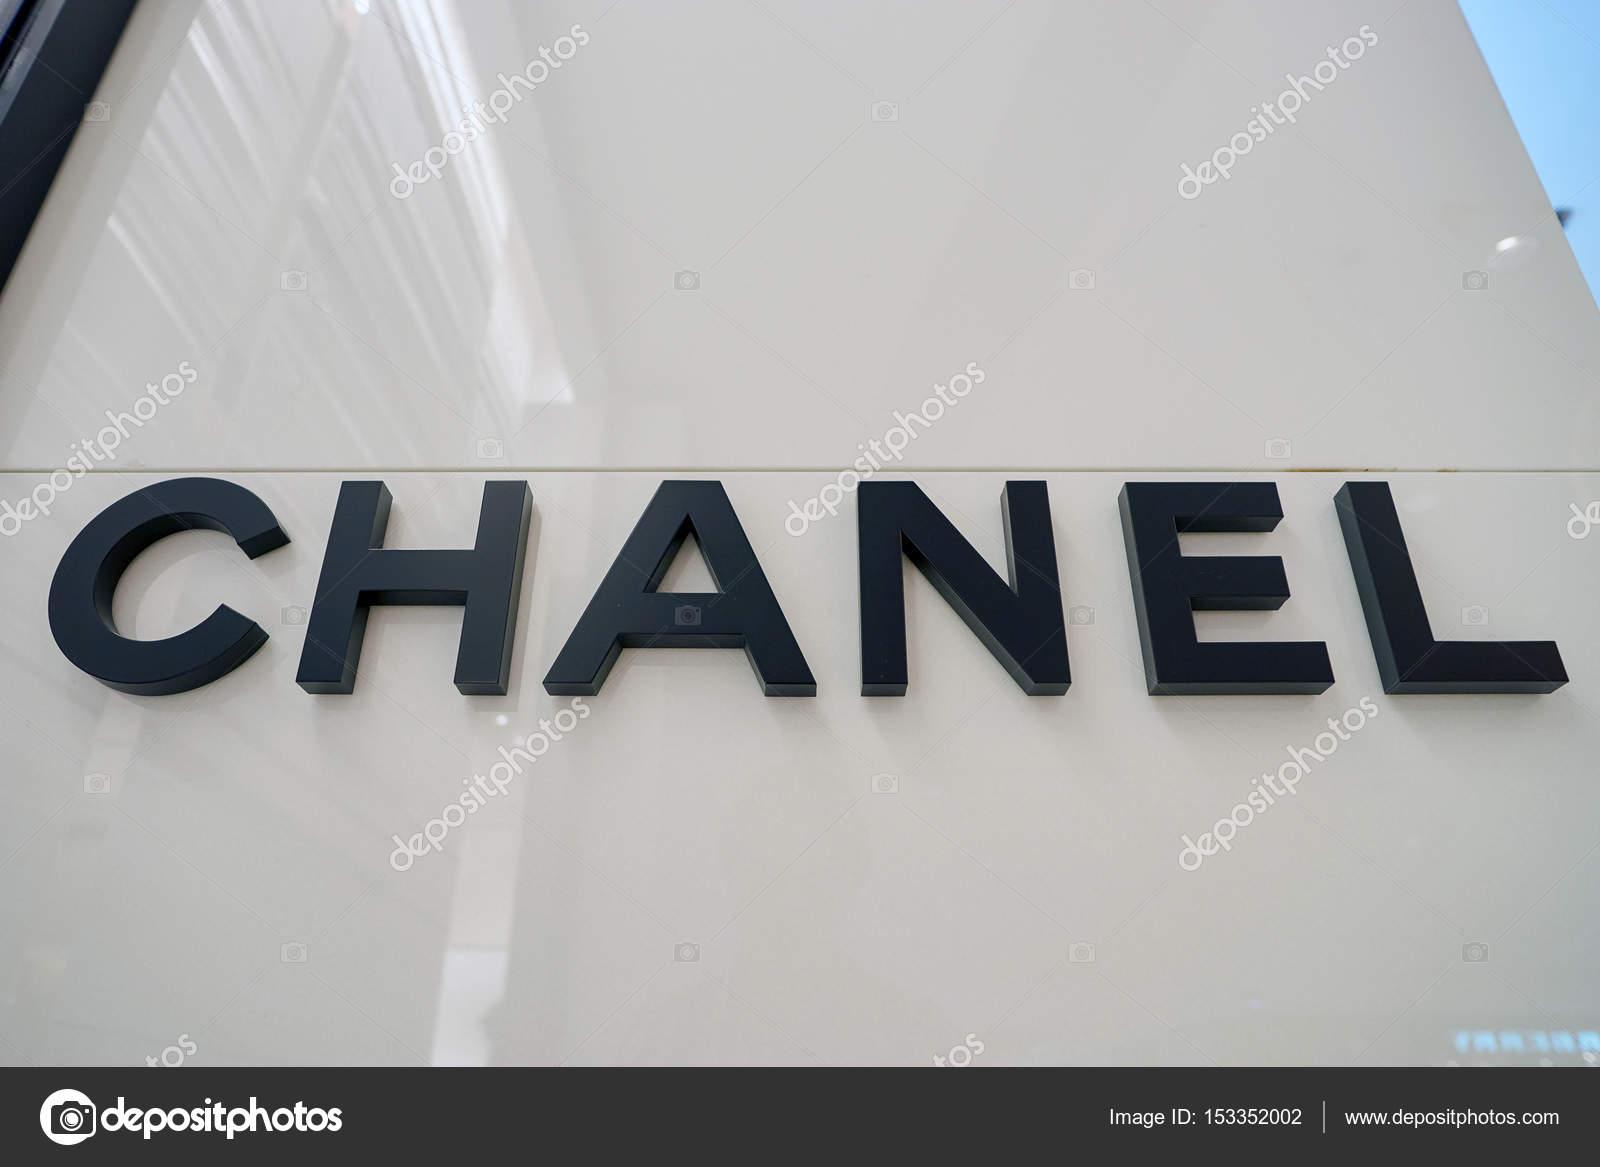 Chanel Znak Elementy Shopping Mall Zdjęcie Stockowe Editorial